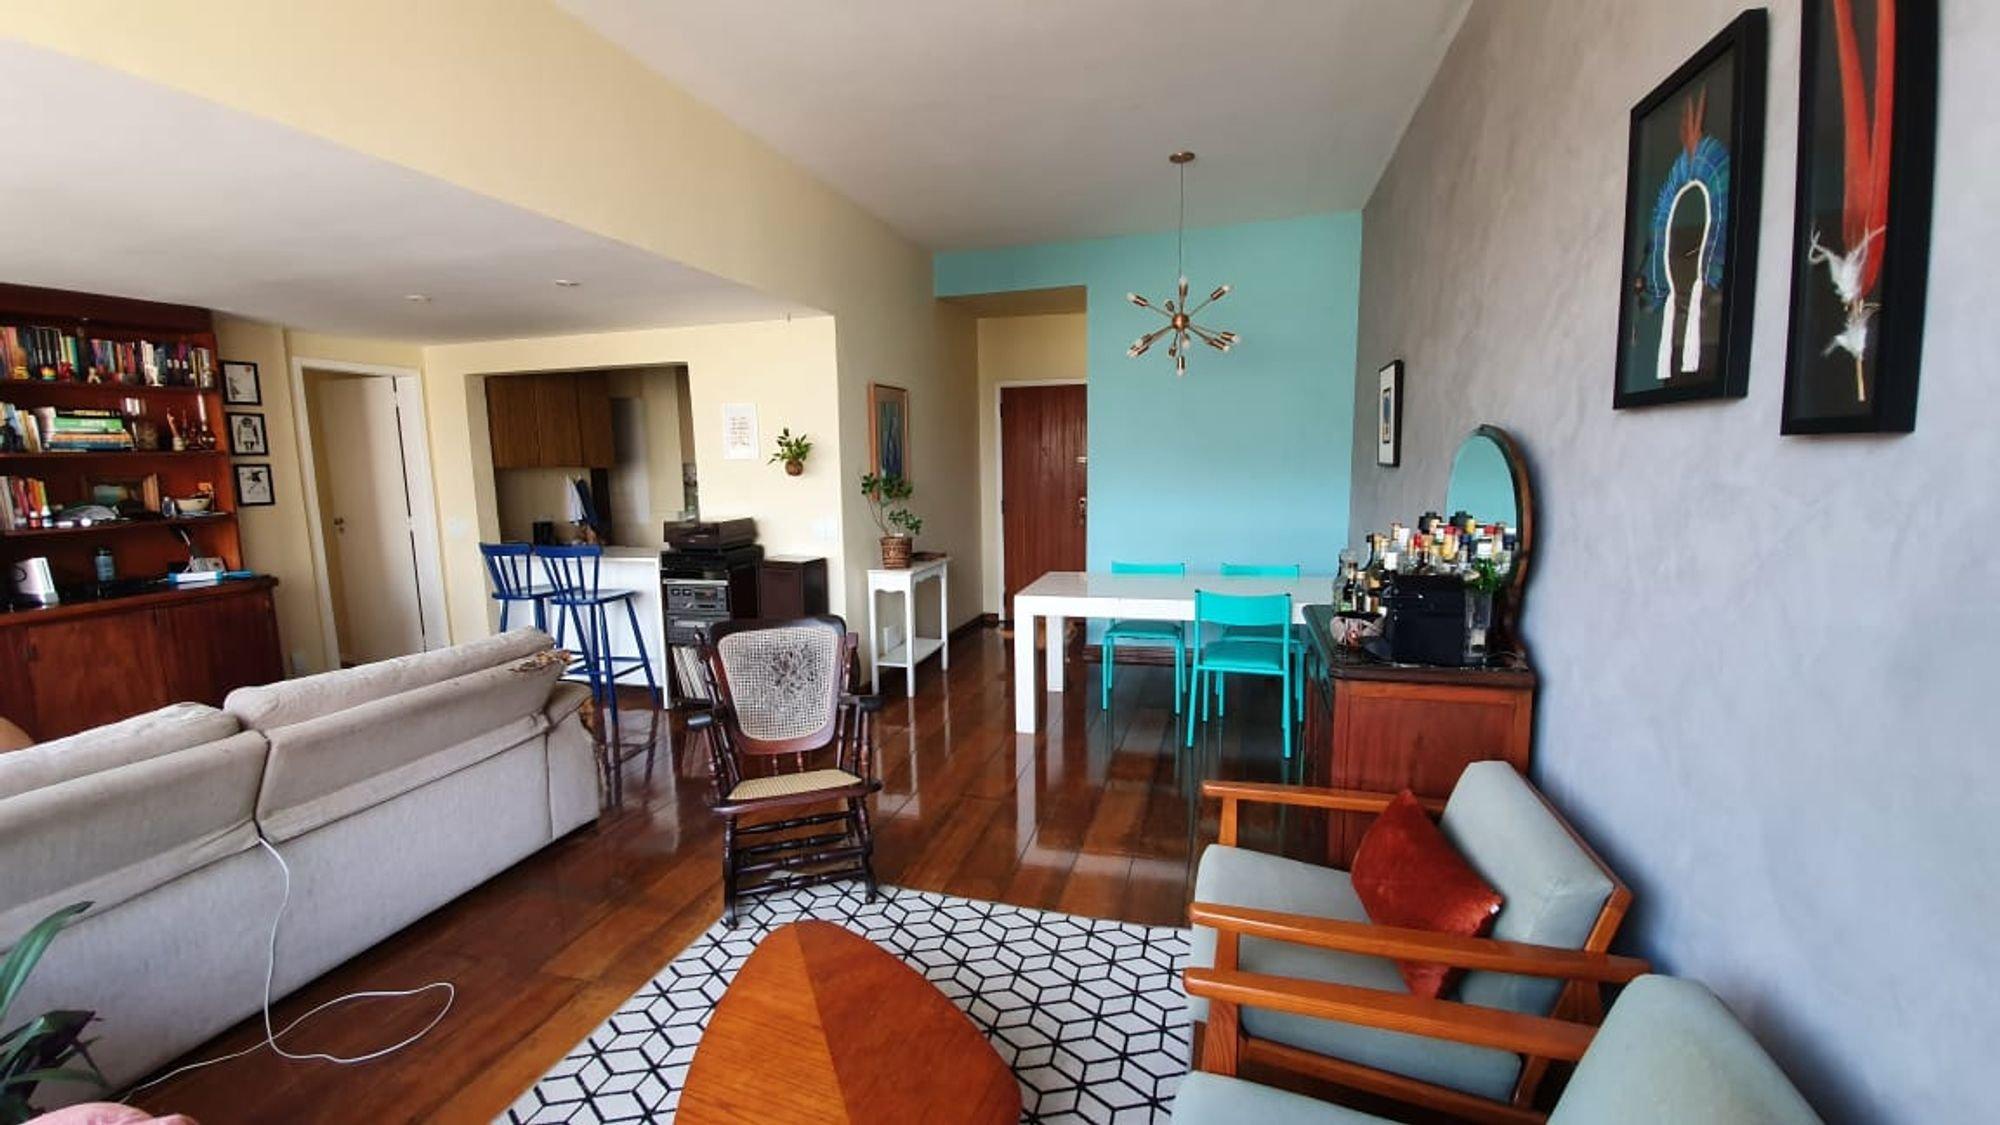 Foto de Sala com vaso de planta, sofá, cadeira, livro